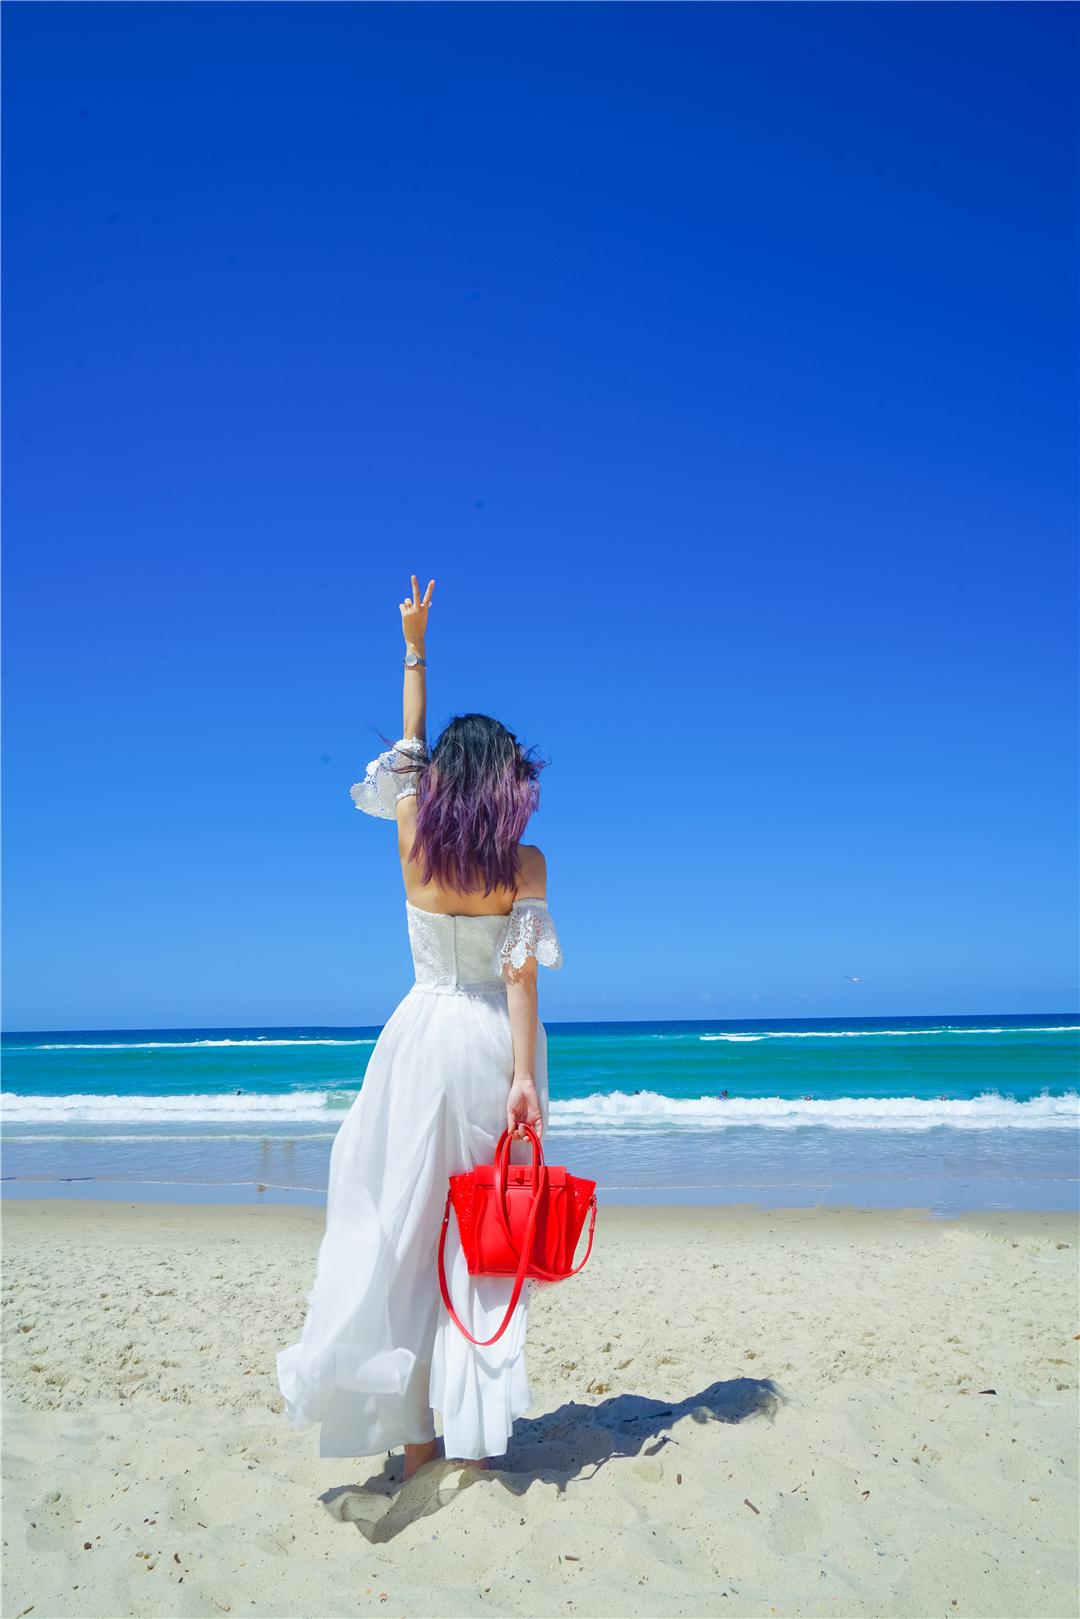 目的地打卡——黄金海岸 - 小心肝儿甜蜜蜜 - 小心肝儿甜蜜蜜